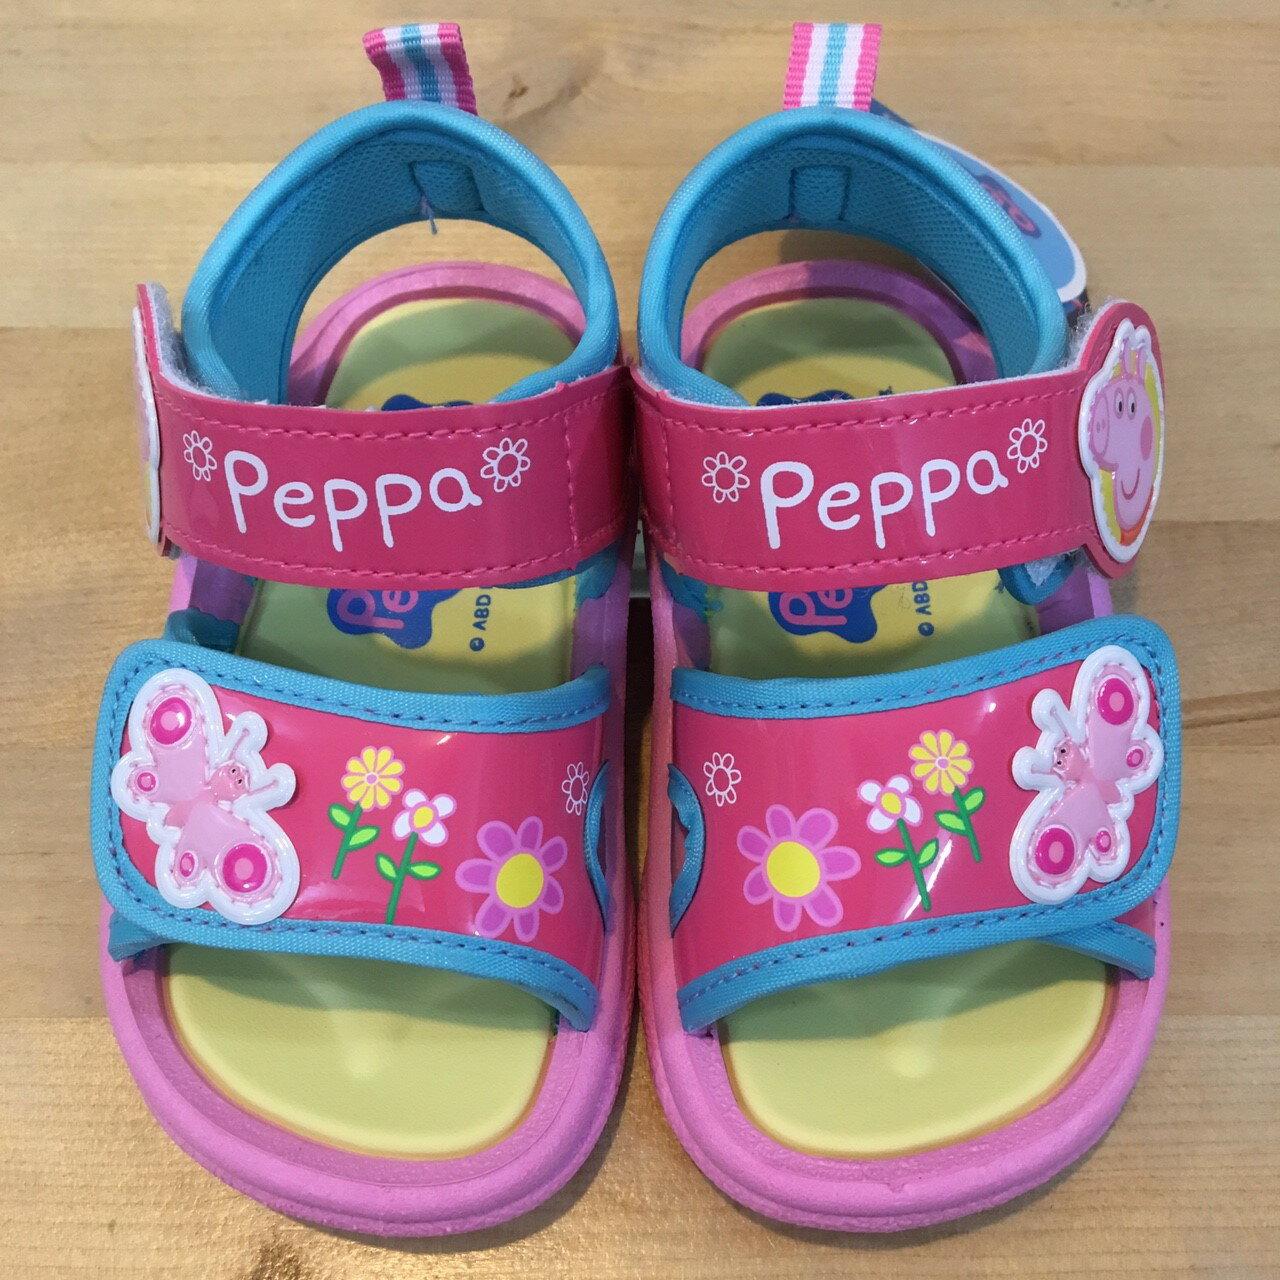 【禾宜精品】佩佩豬 學步鞋 休閒鞋 運動鞋 涼鞋 正版授權 台灣製造 14~18 童鞋 MIT 台灣製造